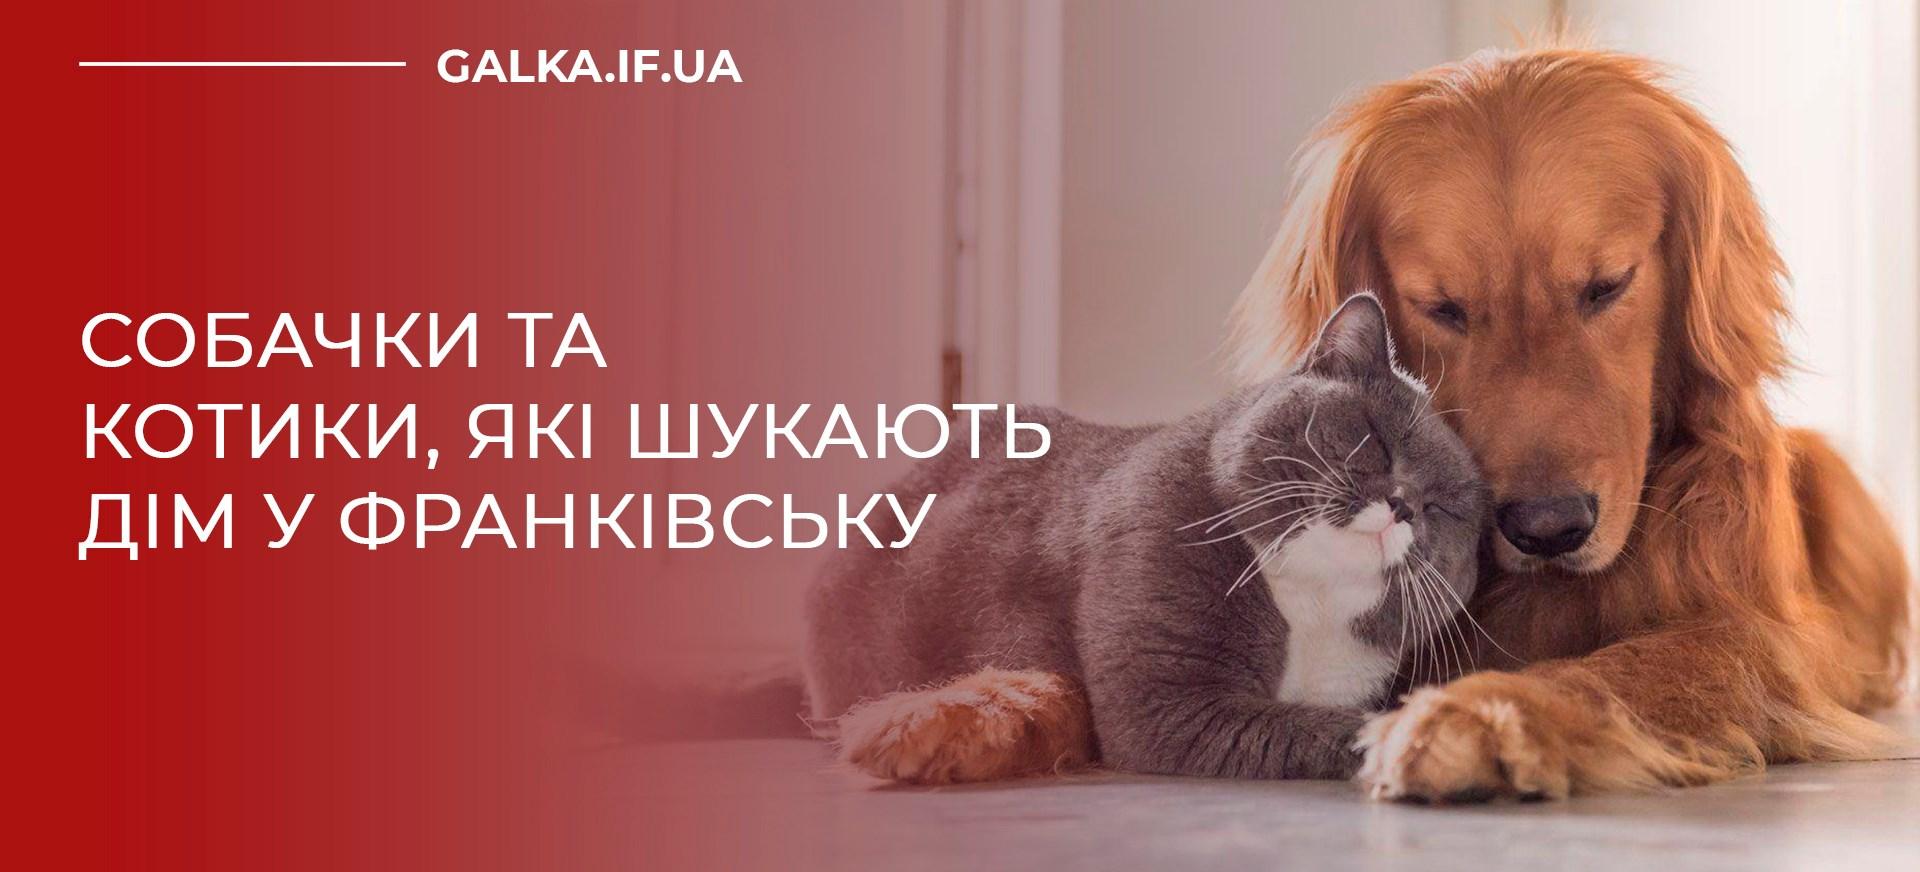 Пухнасті і самотні: собачки та котики, які шукають дім у Франківську (ФОТО)